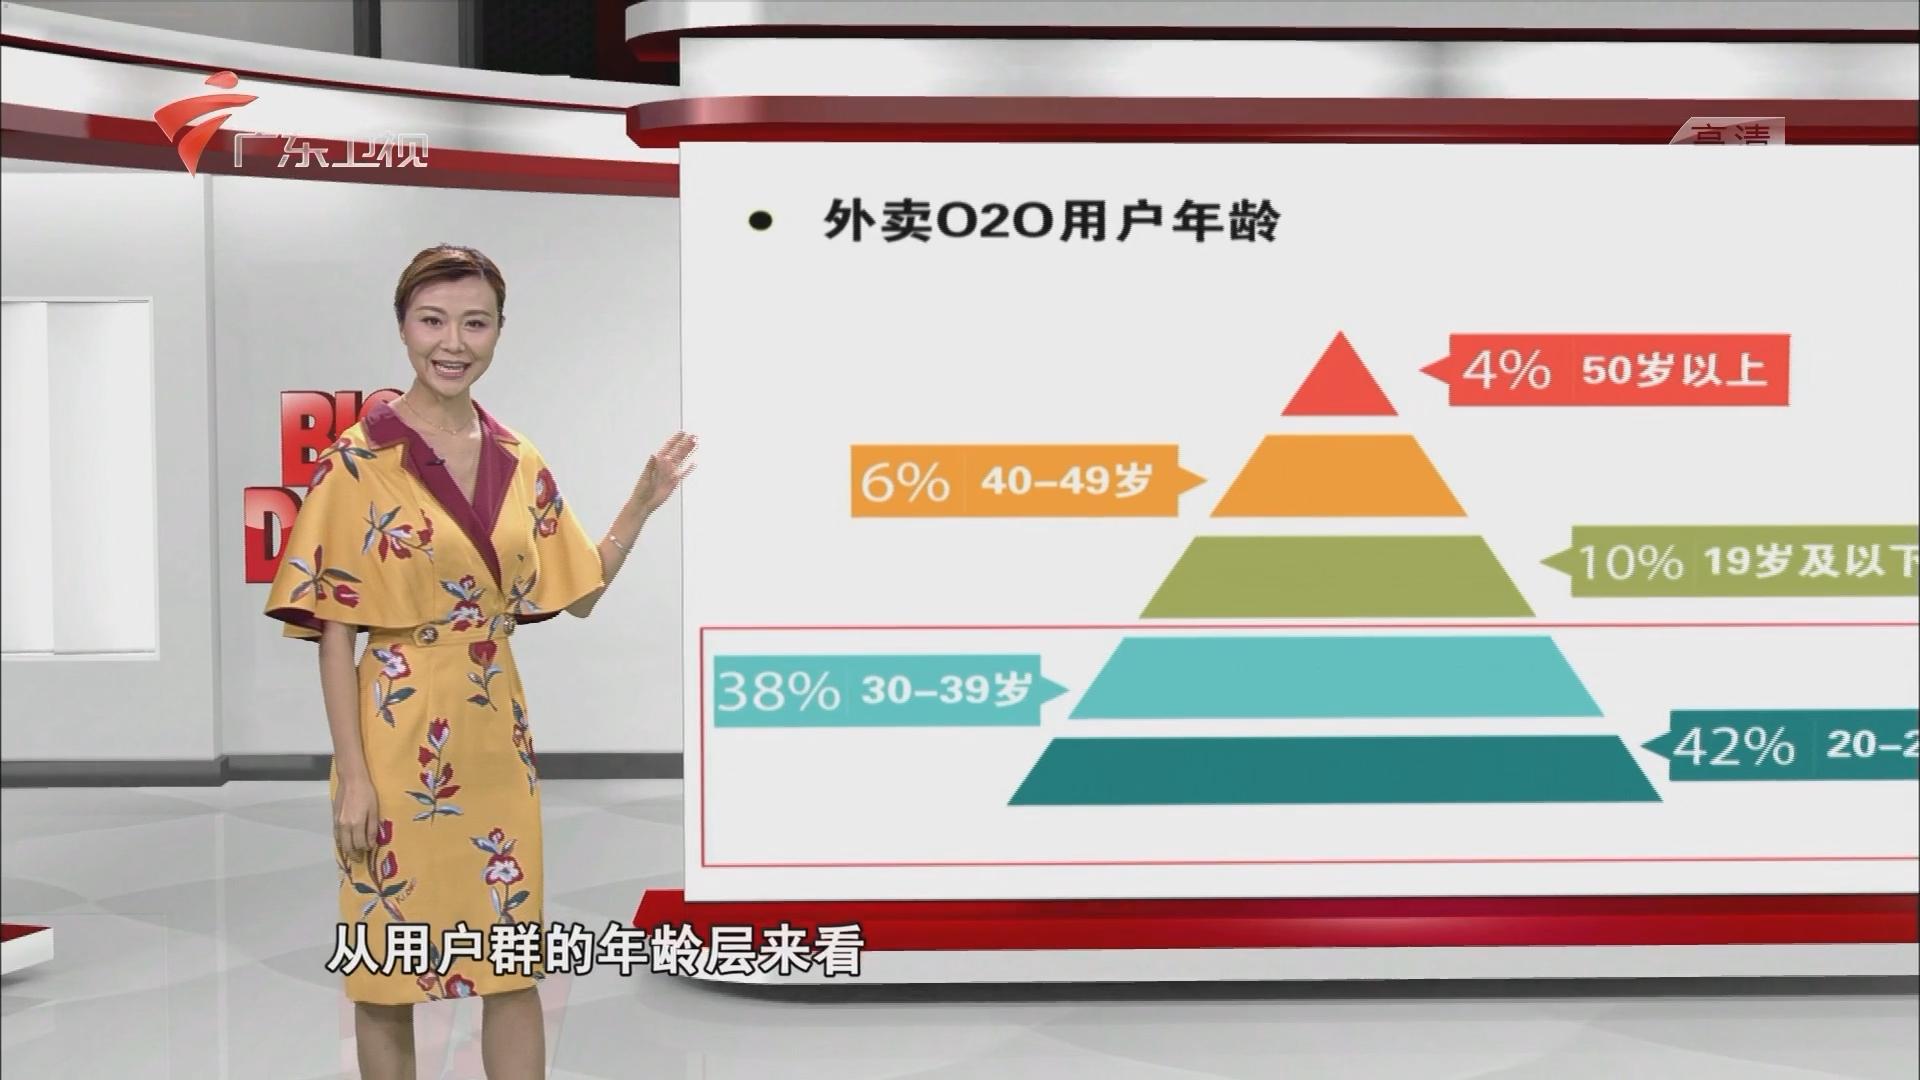 中国第三方外卖发展现状